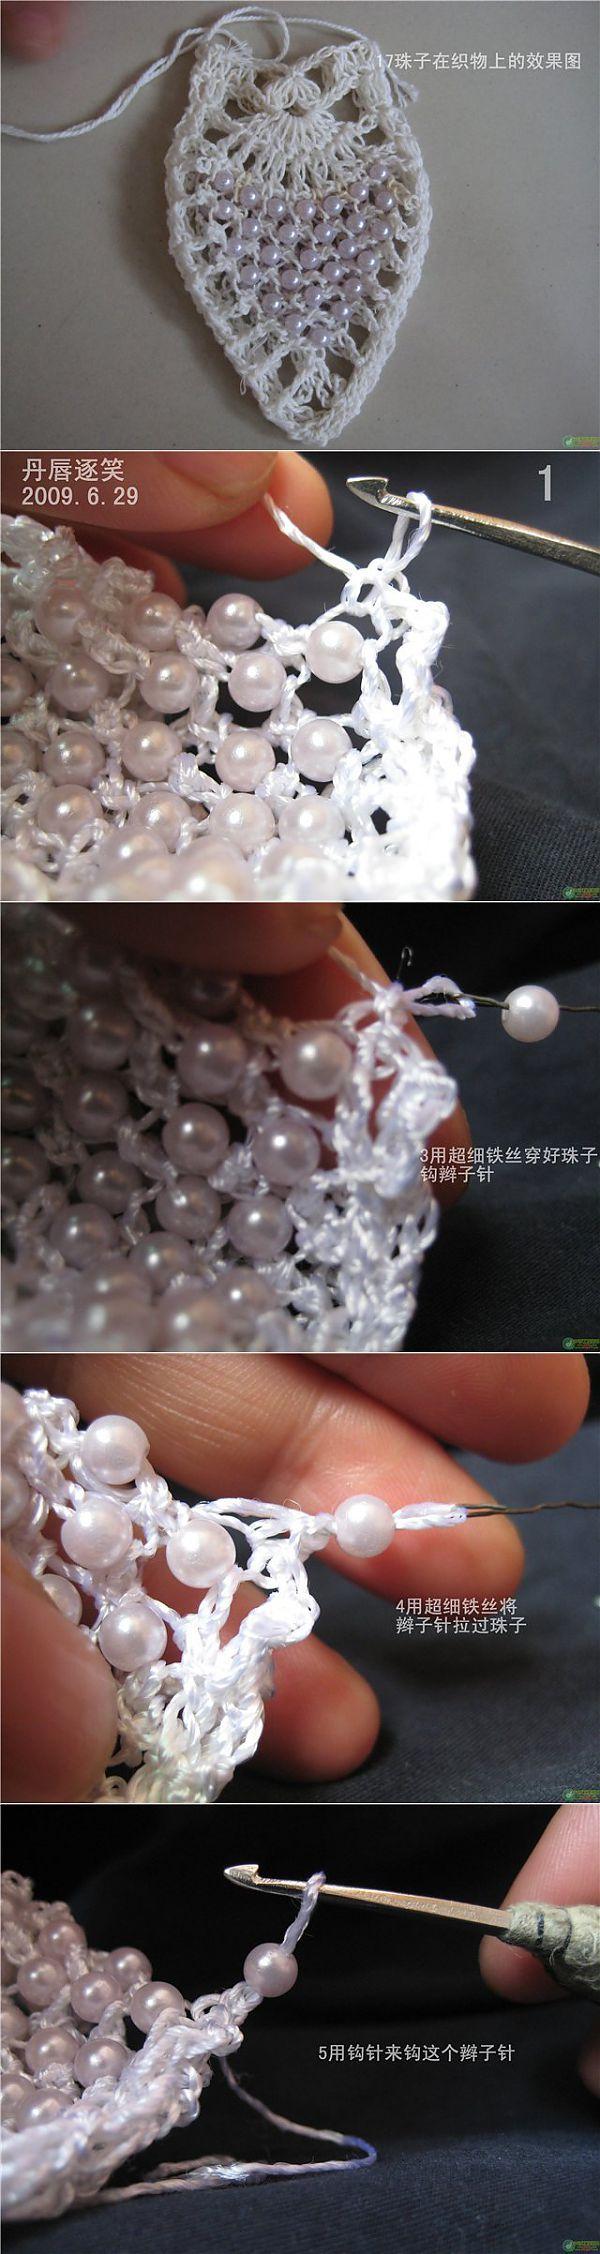 El proceso de tejer con cuentas, lentejuelas.